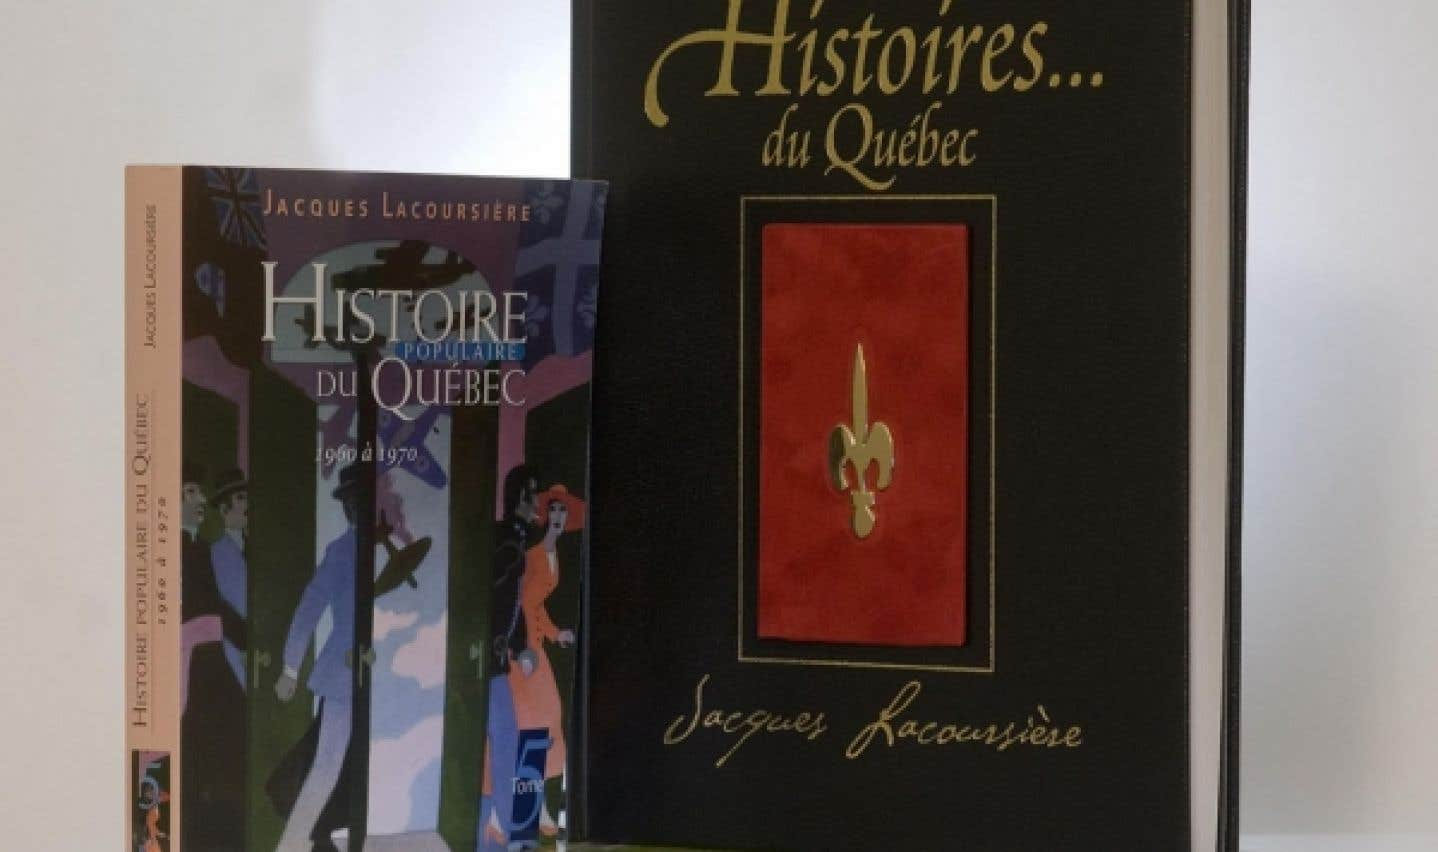 Ouvrages de Jacques Lacoursière sur l'histoire du Québec